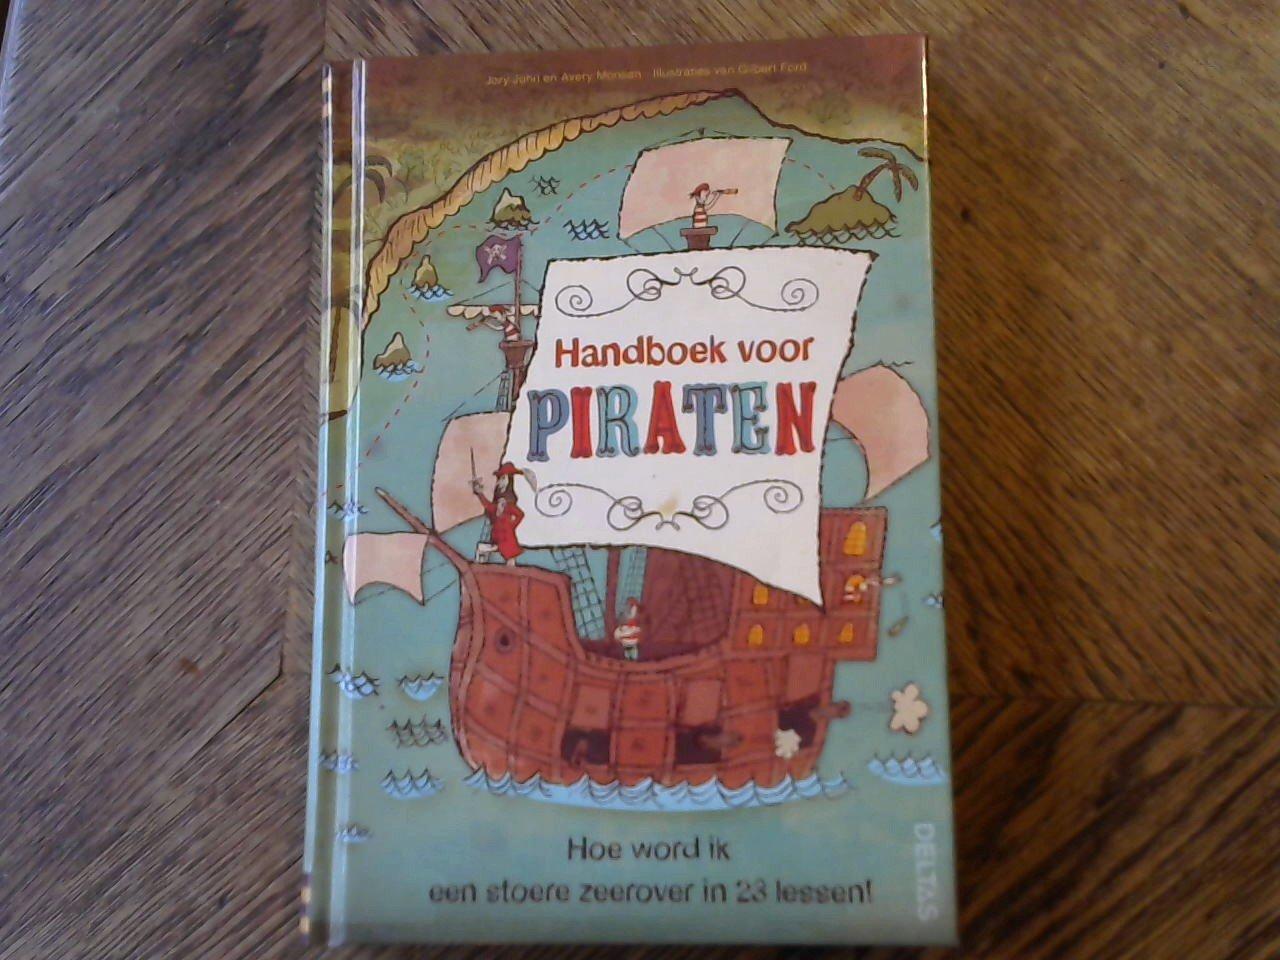 Monsen, Jory John en Avery - Handboek voor piraten, Hoe word ik een stoere zeerover in 23 lessen